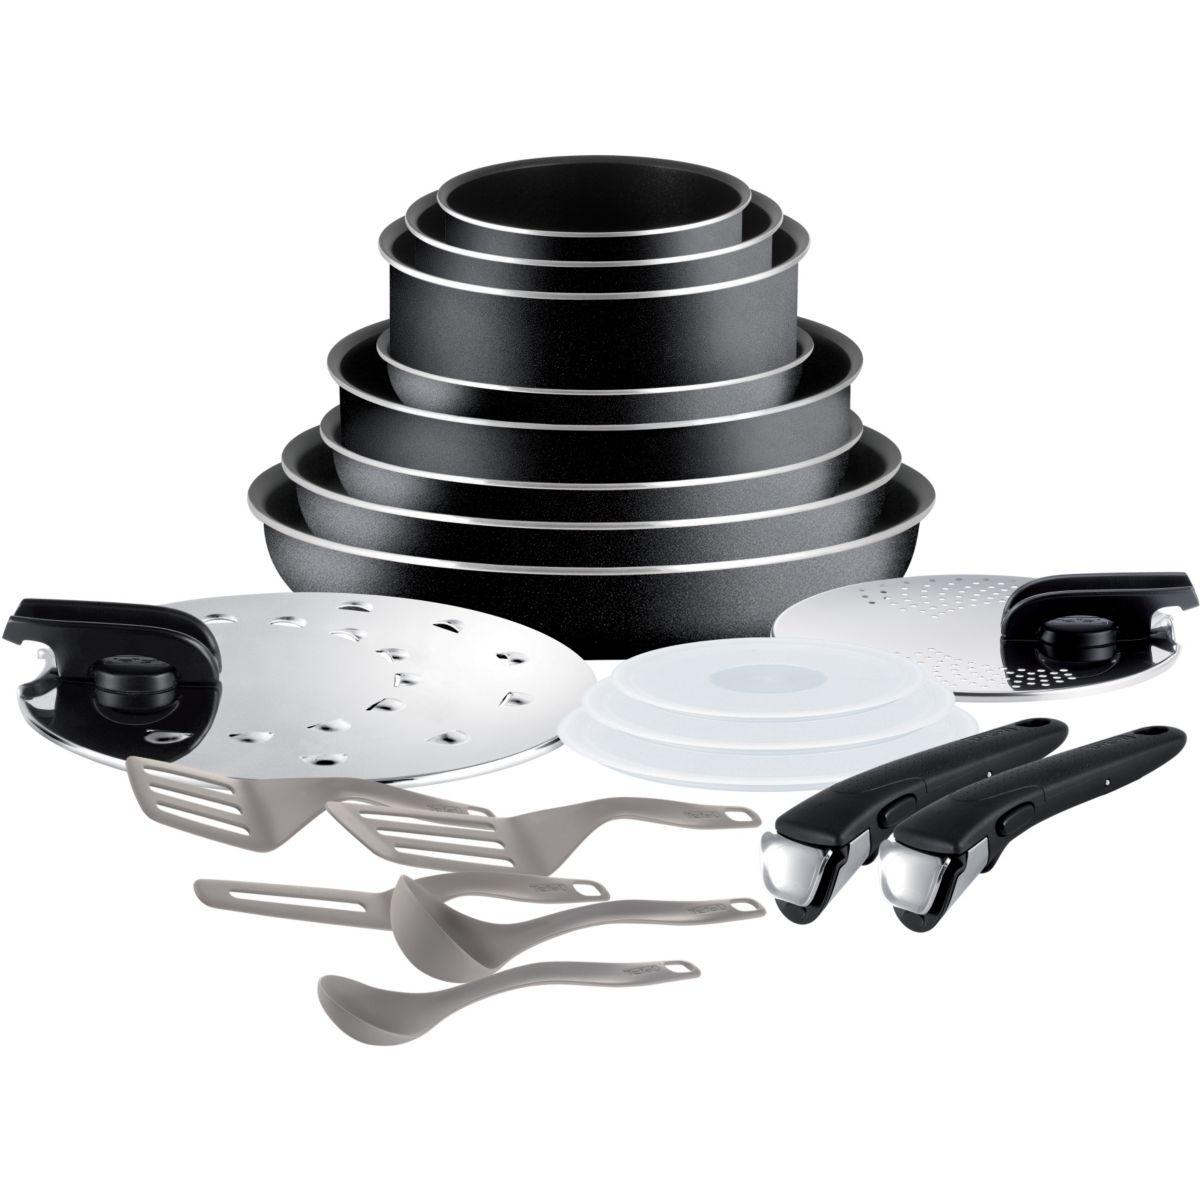 Batterie de cuisine TEFAL Ingenio Essential Noir 20 pcs L2009702